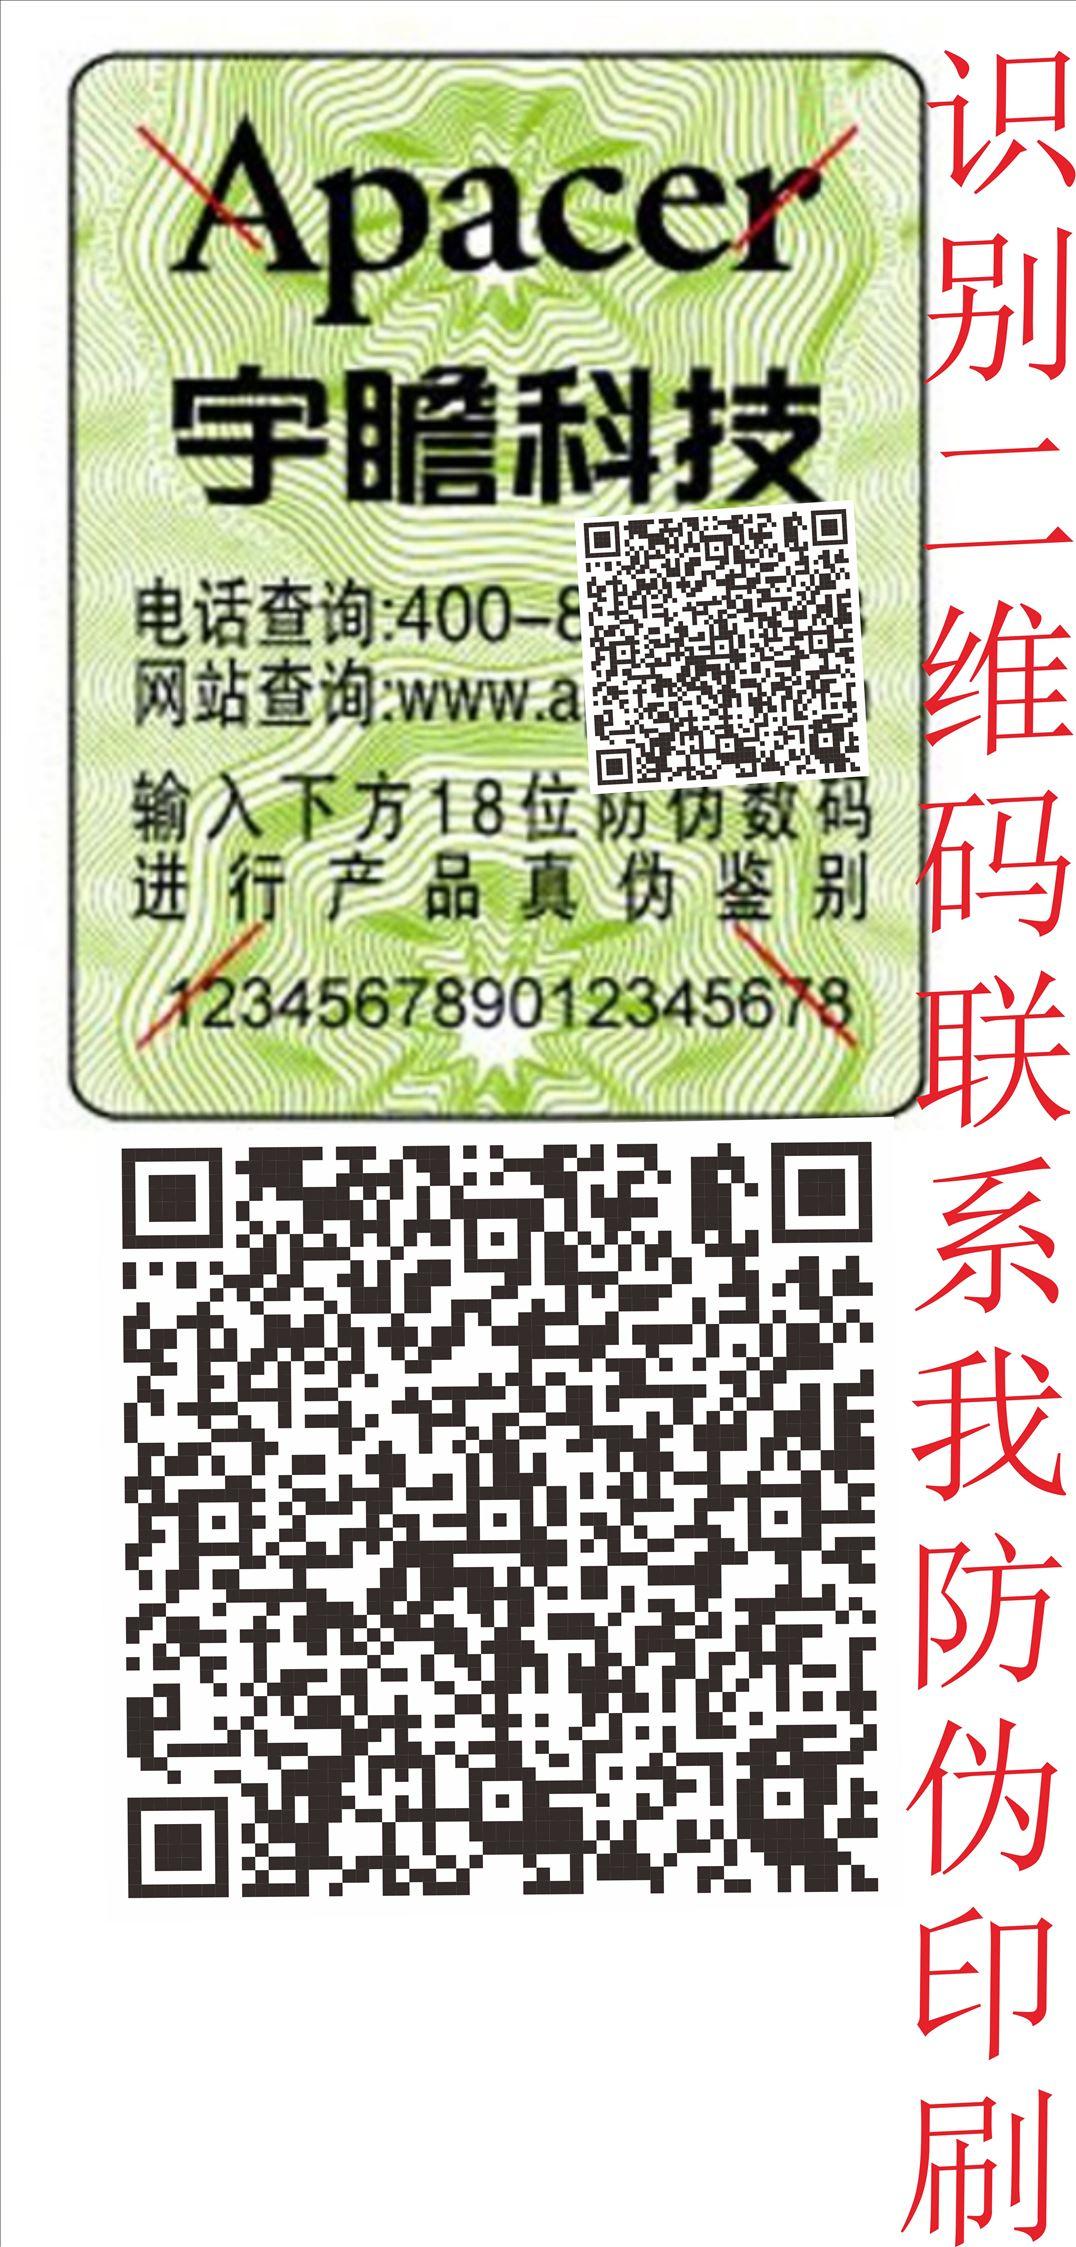 石家庄台灯防伪标签,新版美钞不仅在纸中埋入金属线,